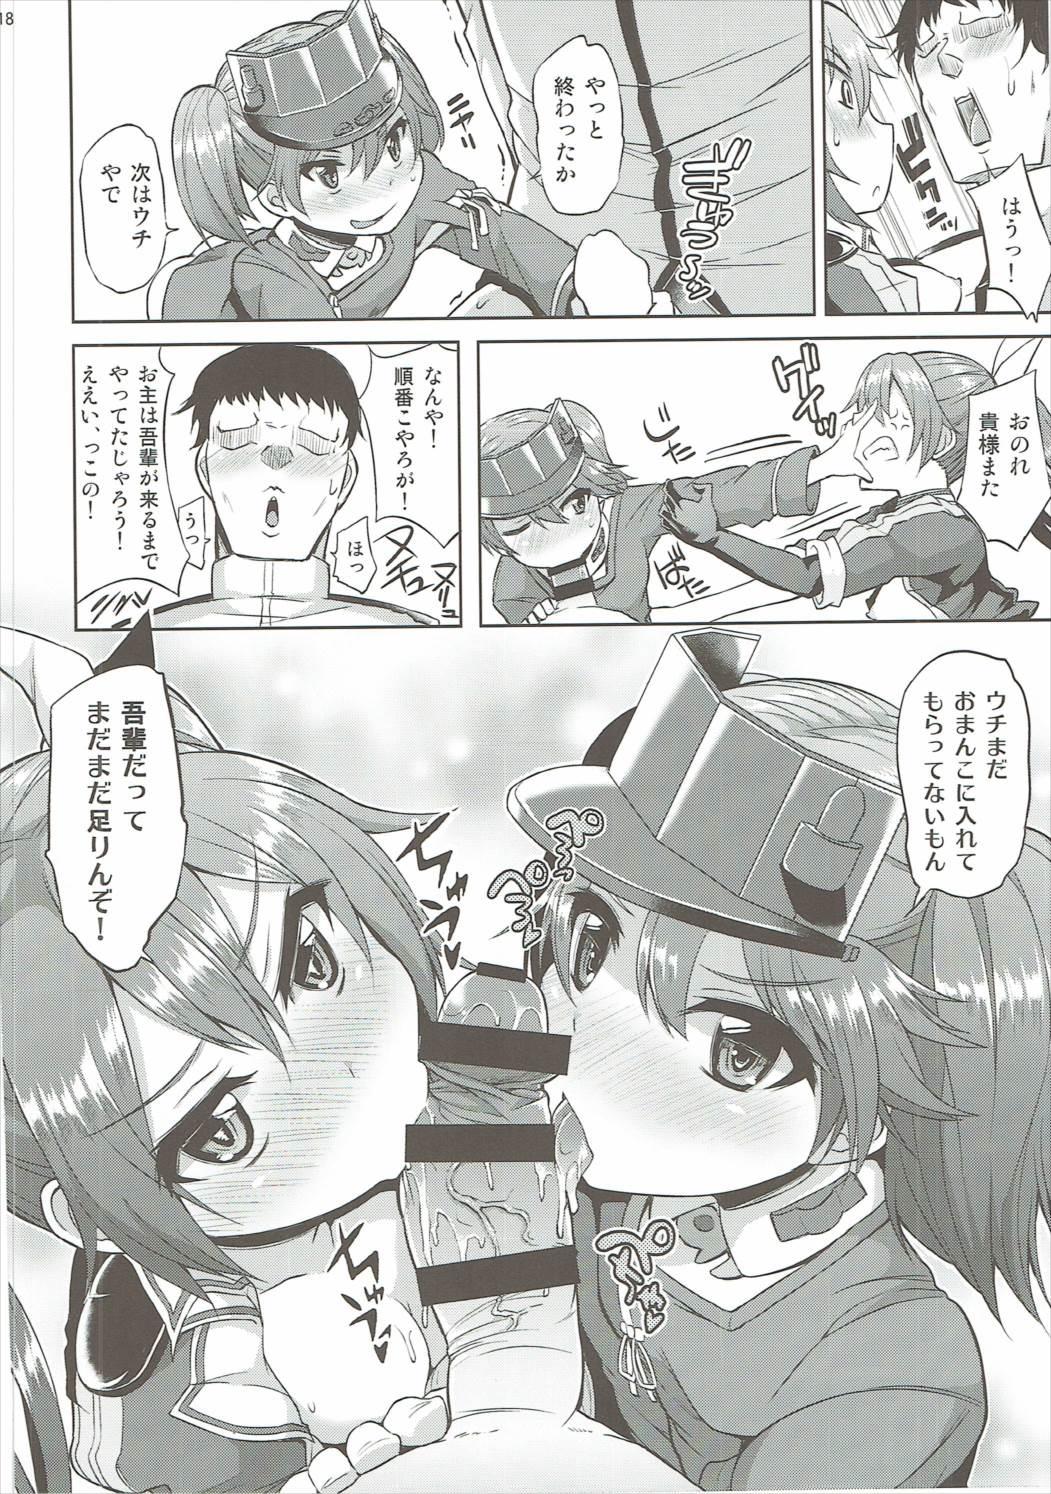 【艦これ エロ漫画・エロ同人】利根と龍驤がケンカした結果、どちらが提督を満足させられるかで勝負することにwwwww (19)